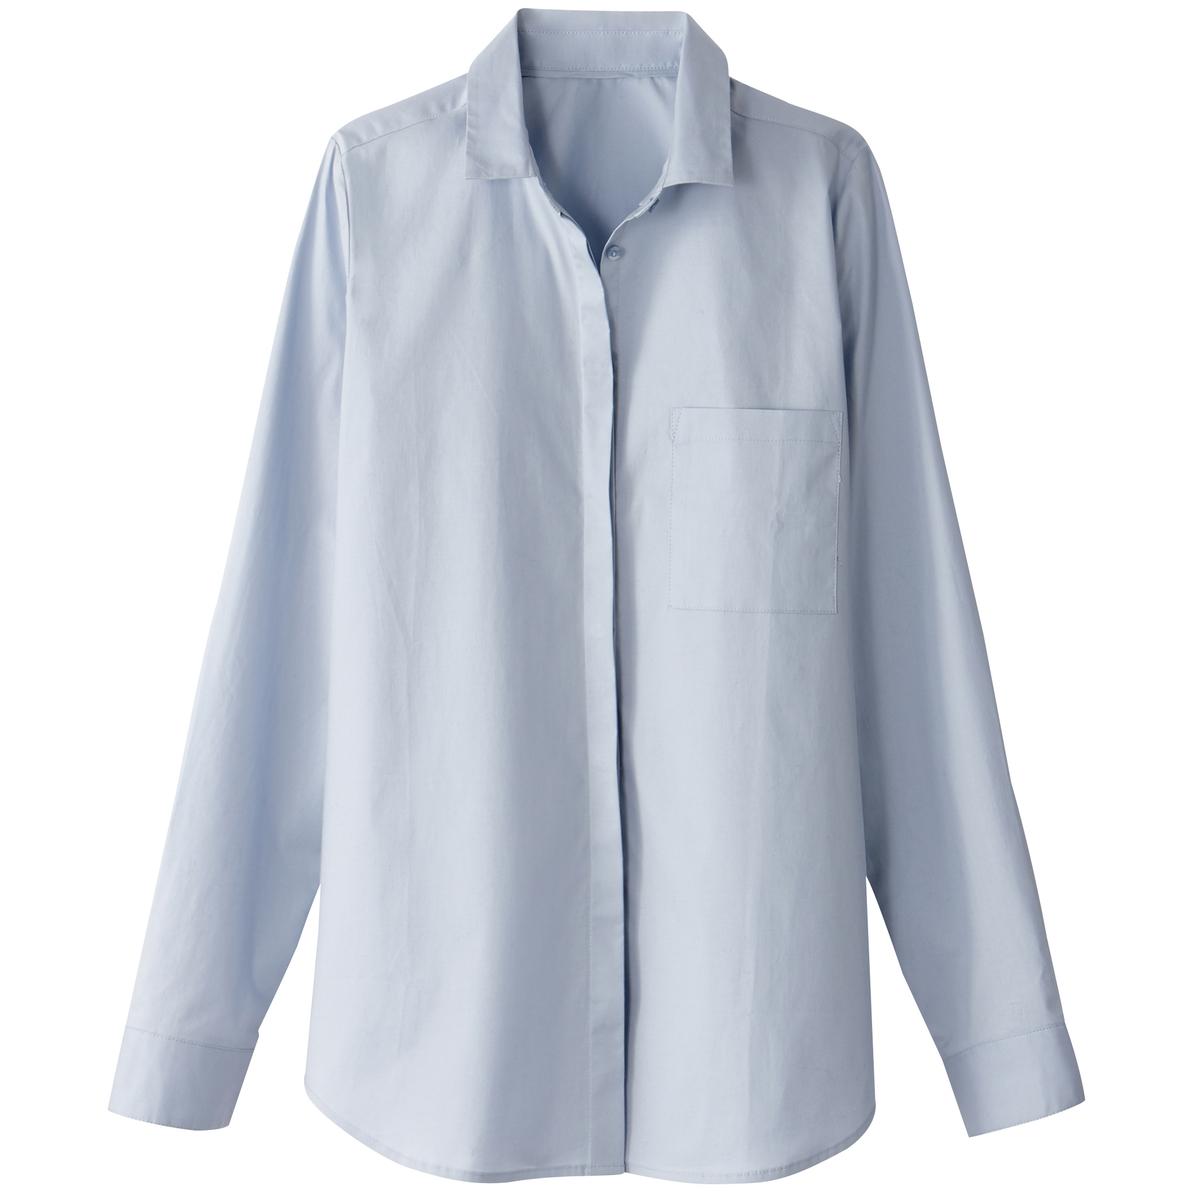 Camisa direita em algodão, bolso no peito